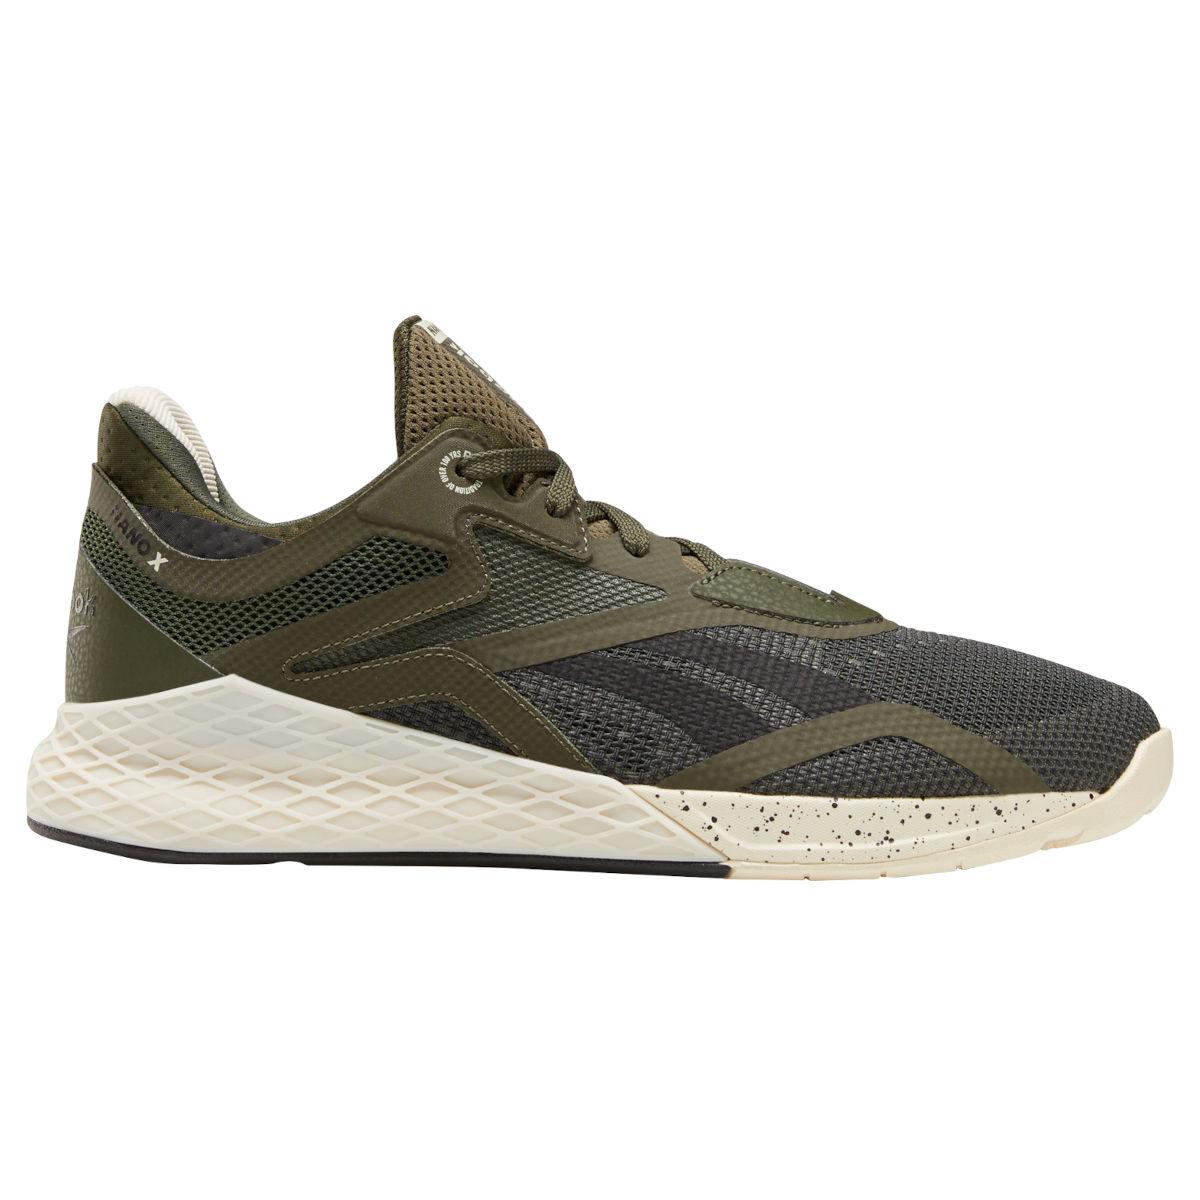 Reebok Männer Nano X Fitness-Schuh - poplar green/black/alabaster FV6670